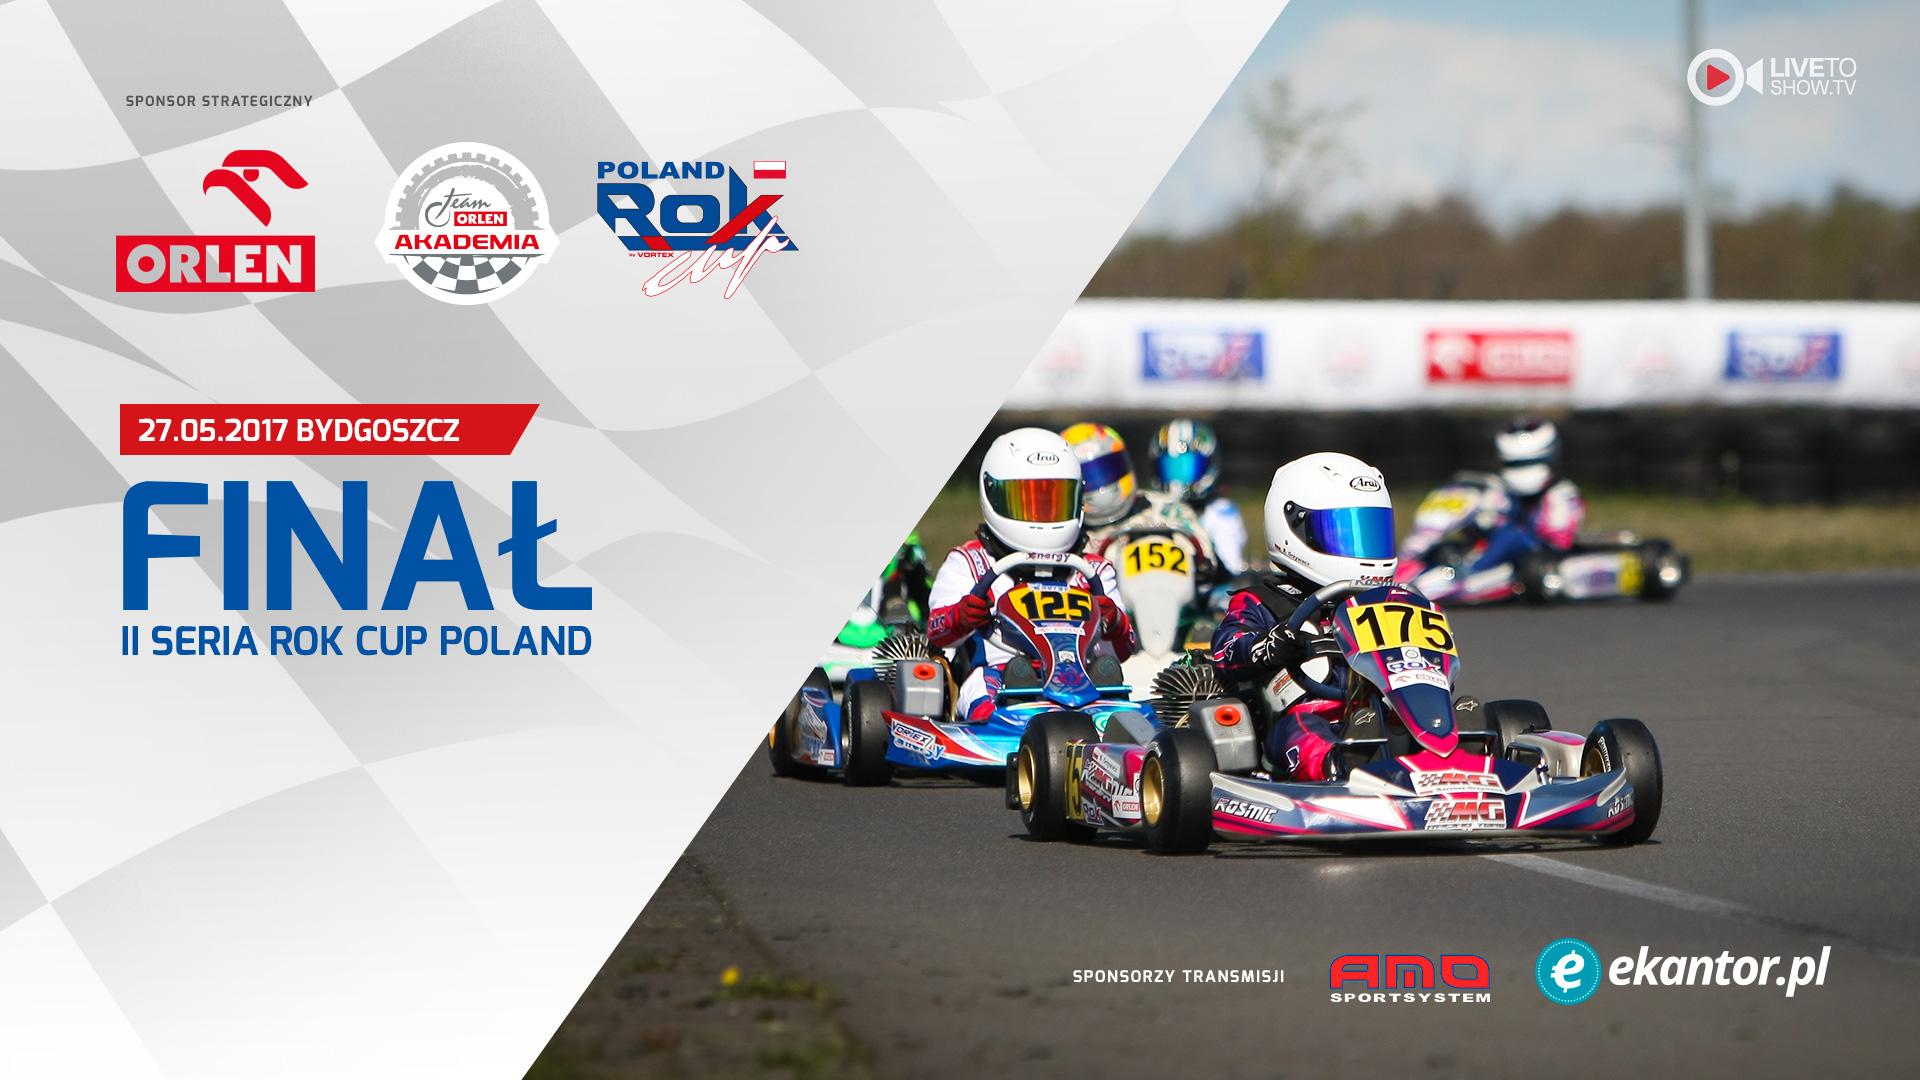 2 seria ROK CUP POLAND 2017